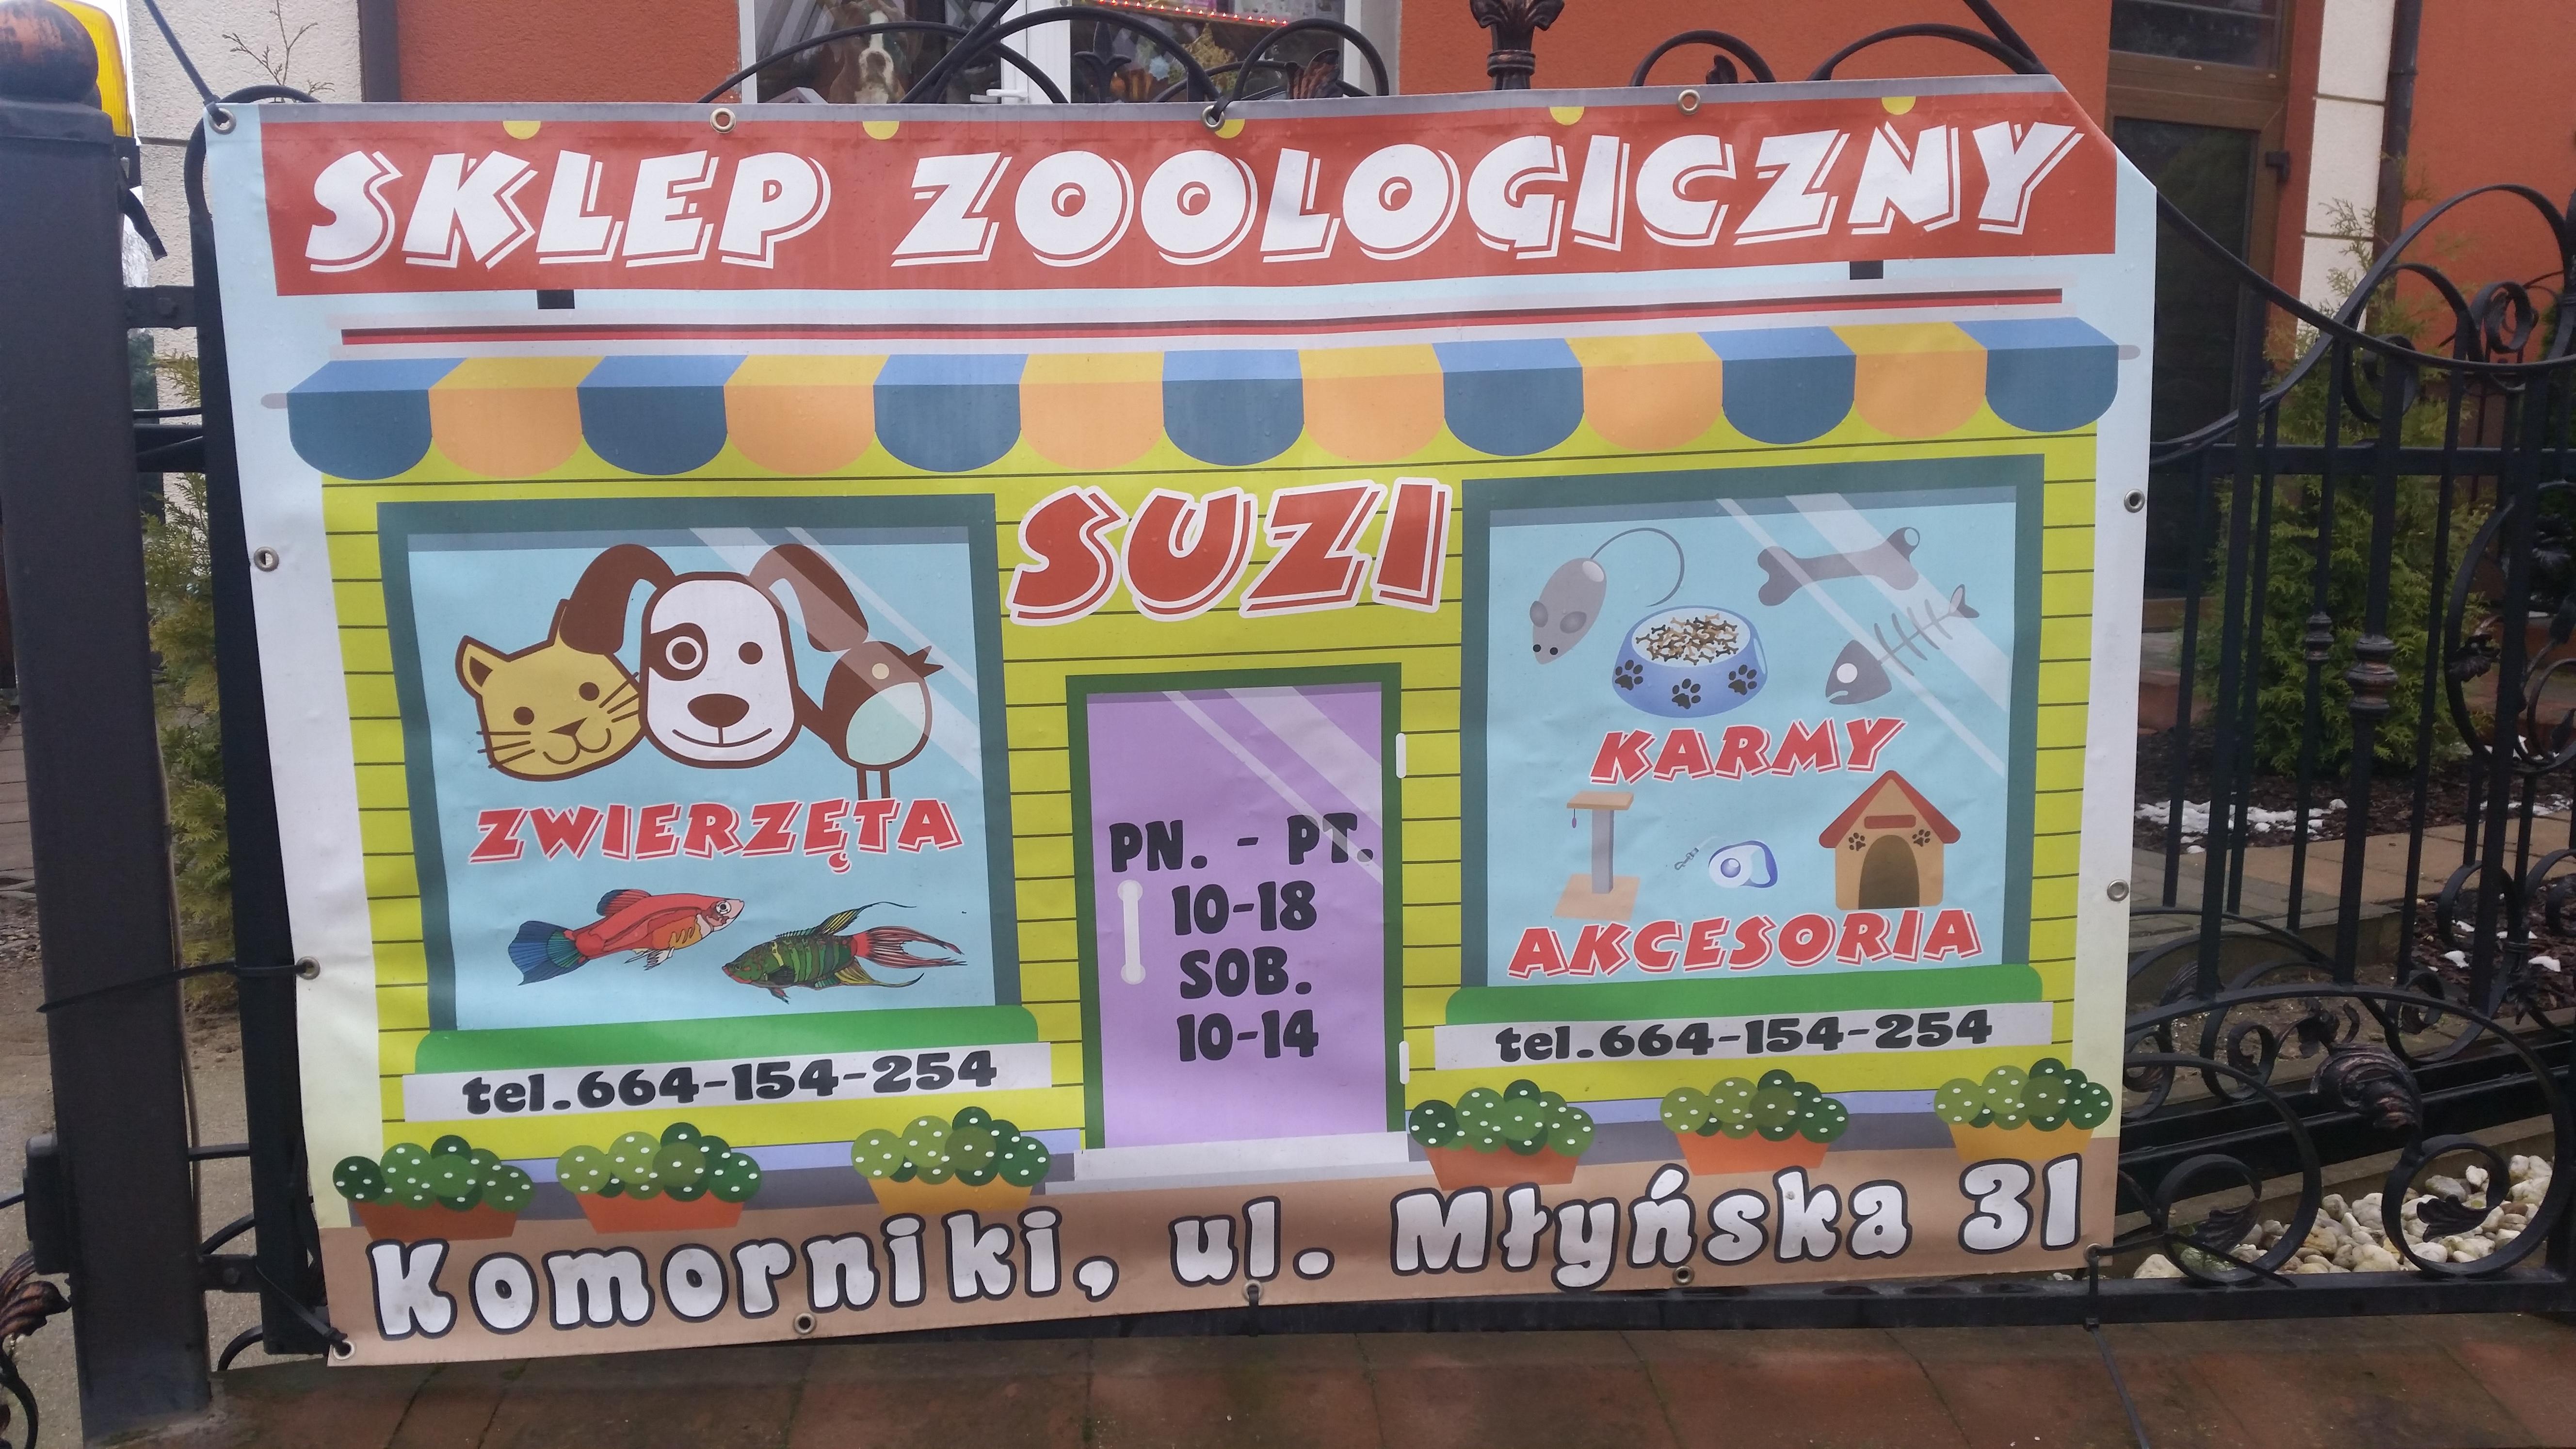 Sklep Zoologiczny, artykuły zoologiczne, karma dla zwierząt, artykuły dla zwierząt Komorniki